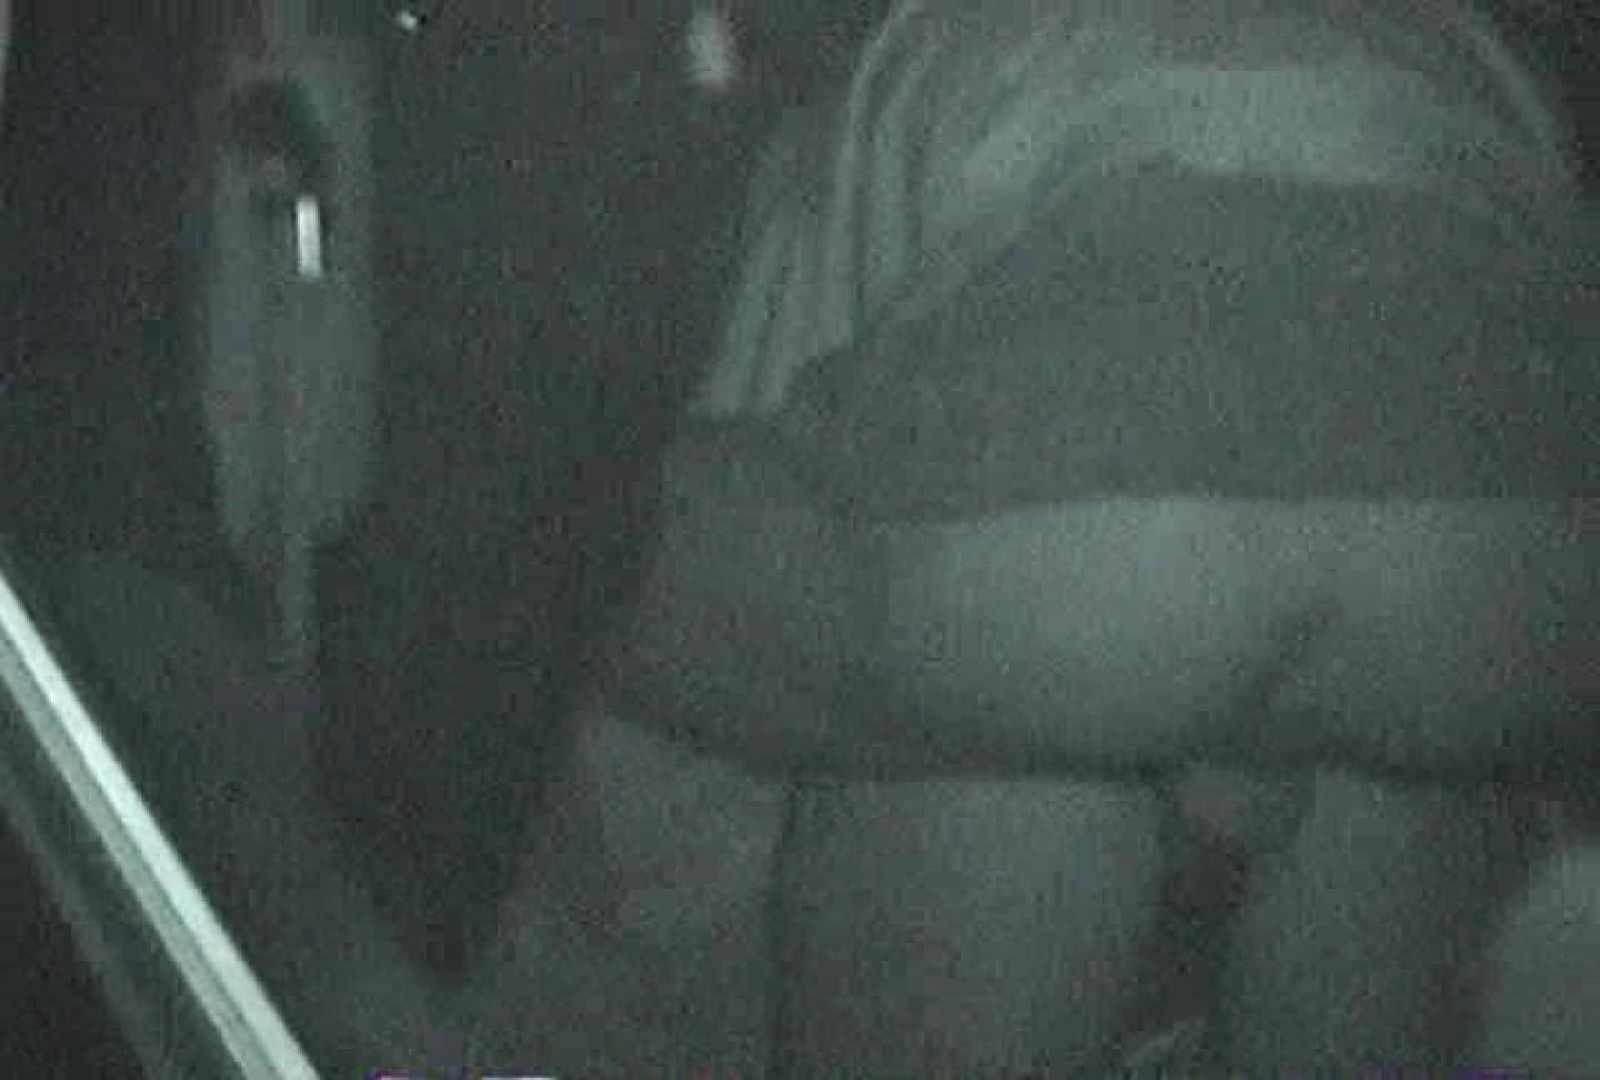 充血監督の深夜の運動会Vol.50 OLすけべ画像 SEX無修正画像 66連発 2